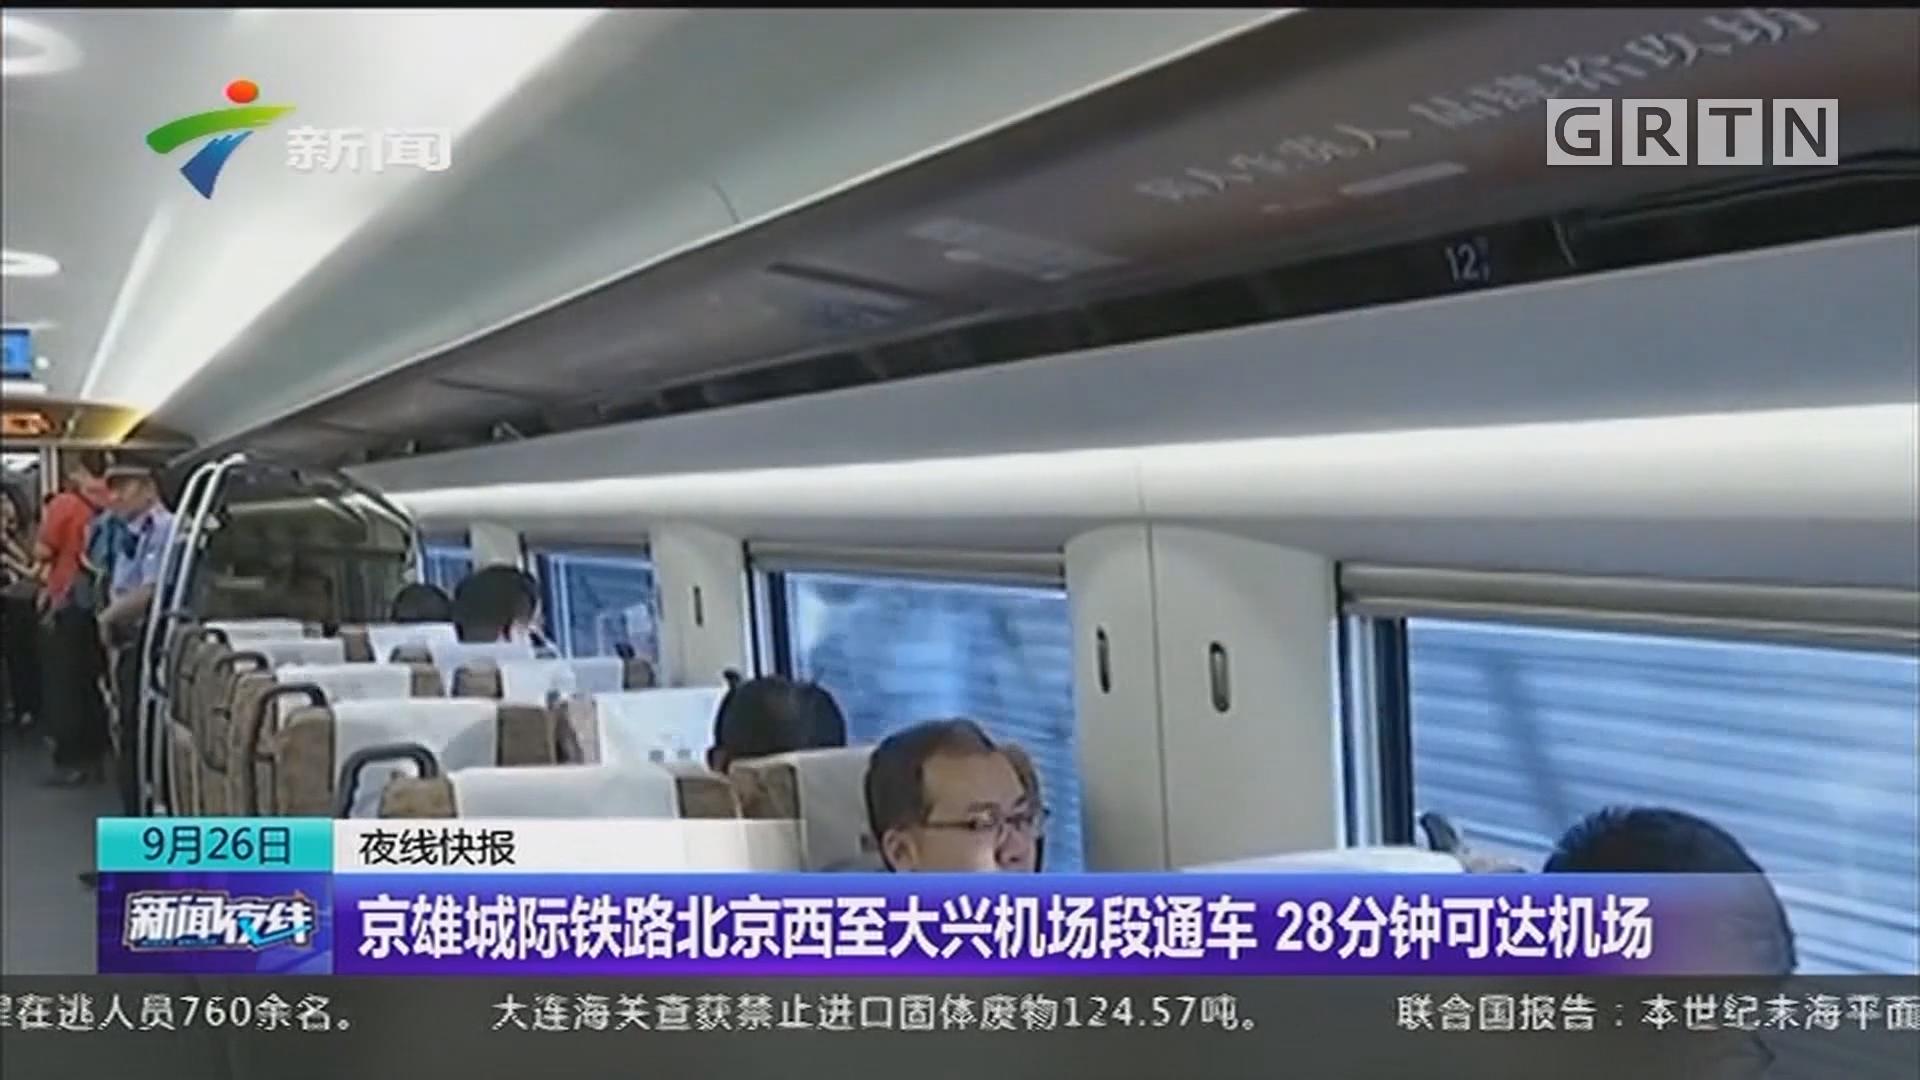 京雄城际铁路北京西至大兴机场段通车 28分钟可达机场